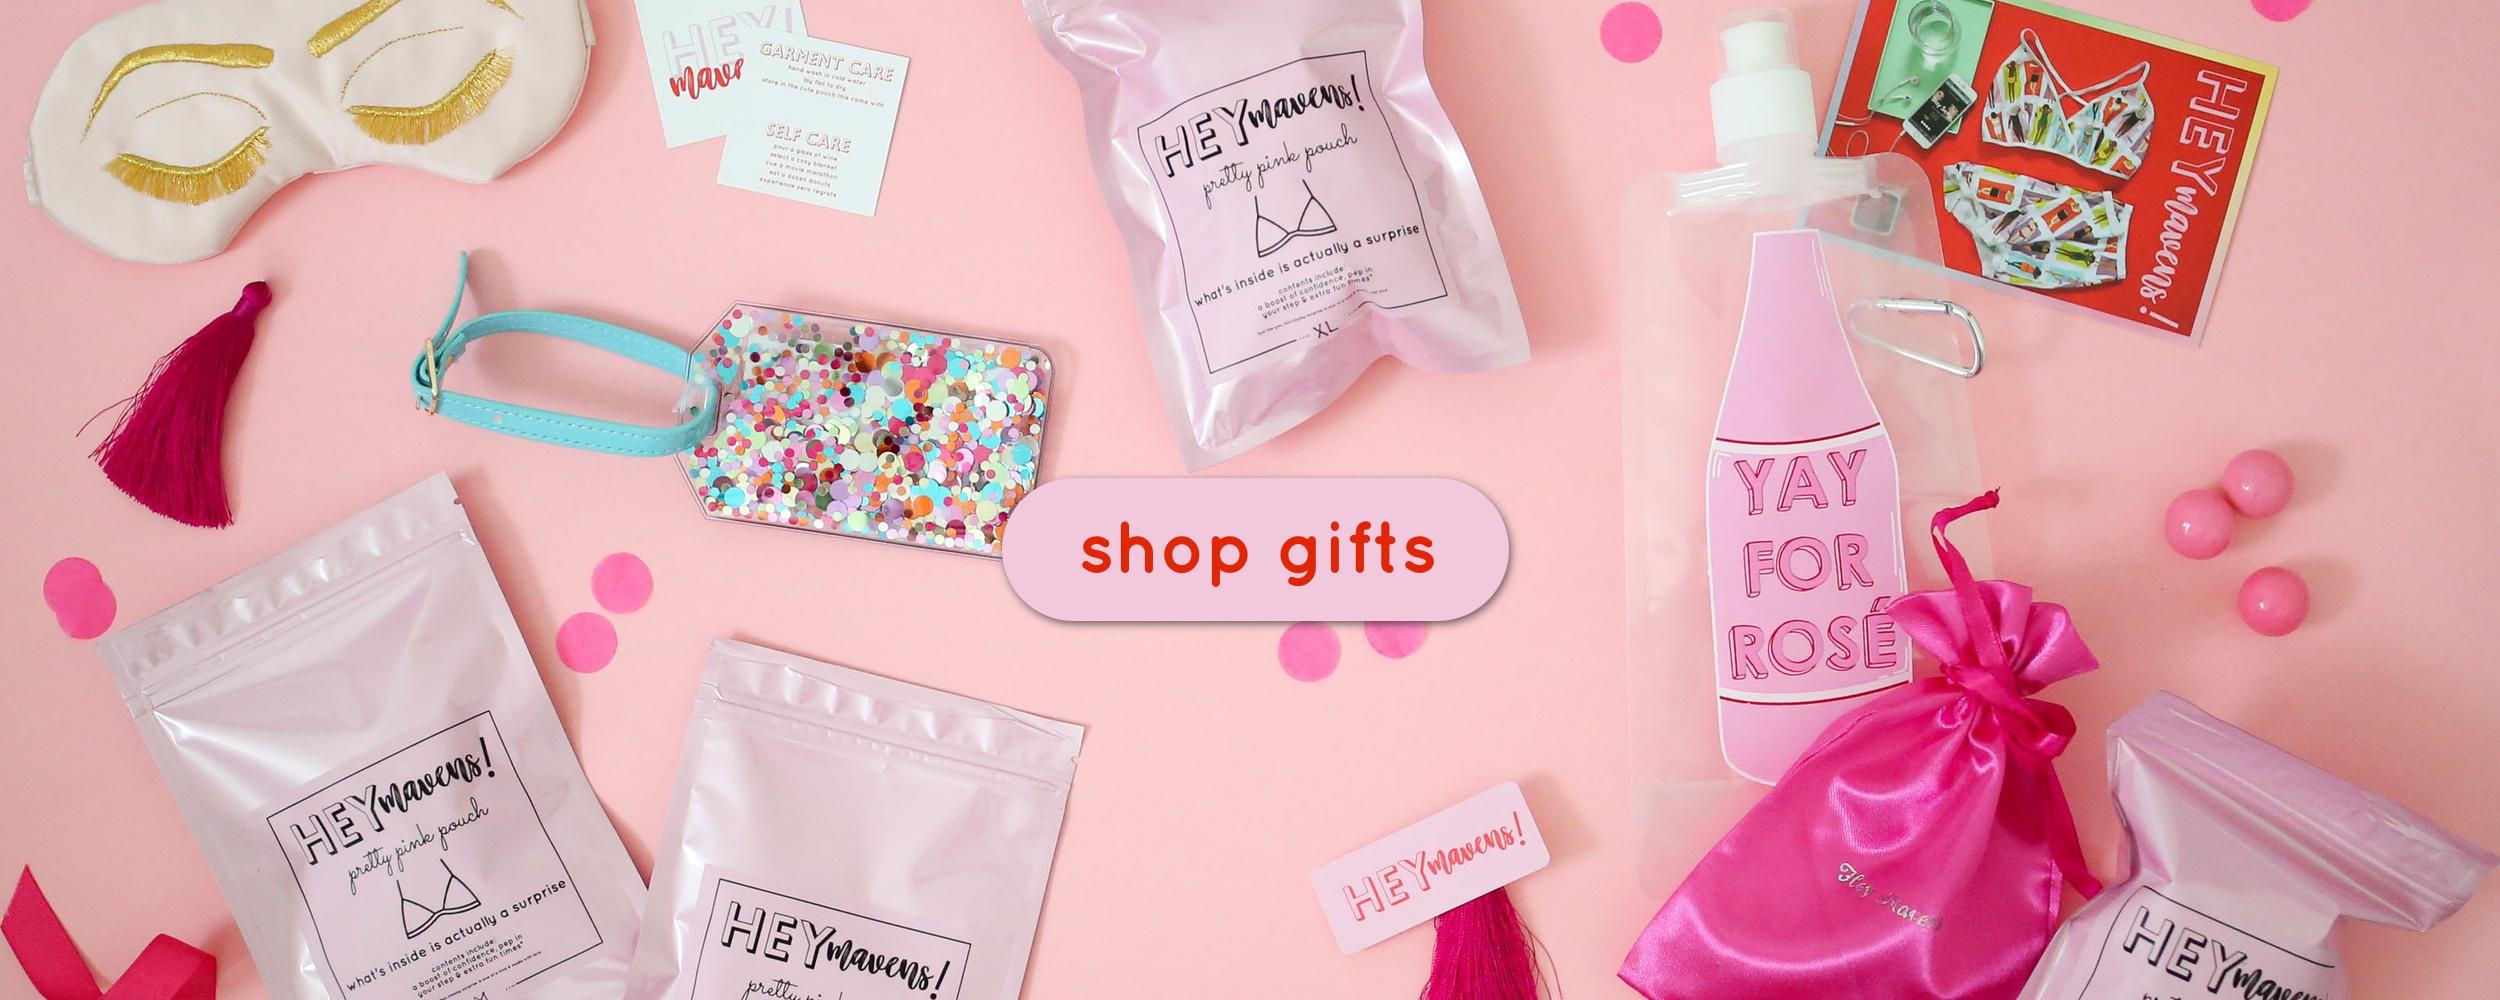 gift banner.jpg